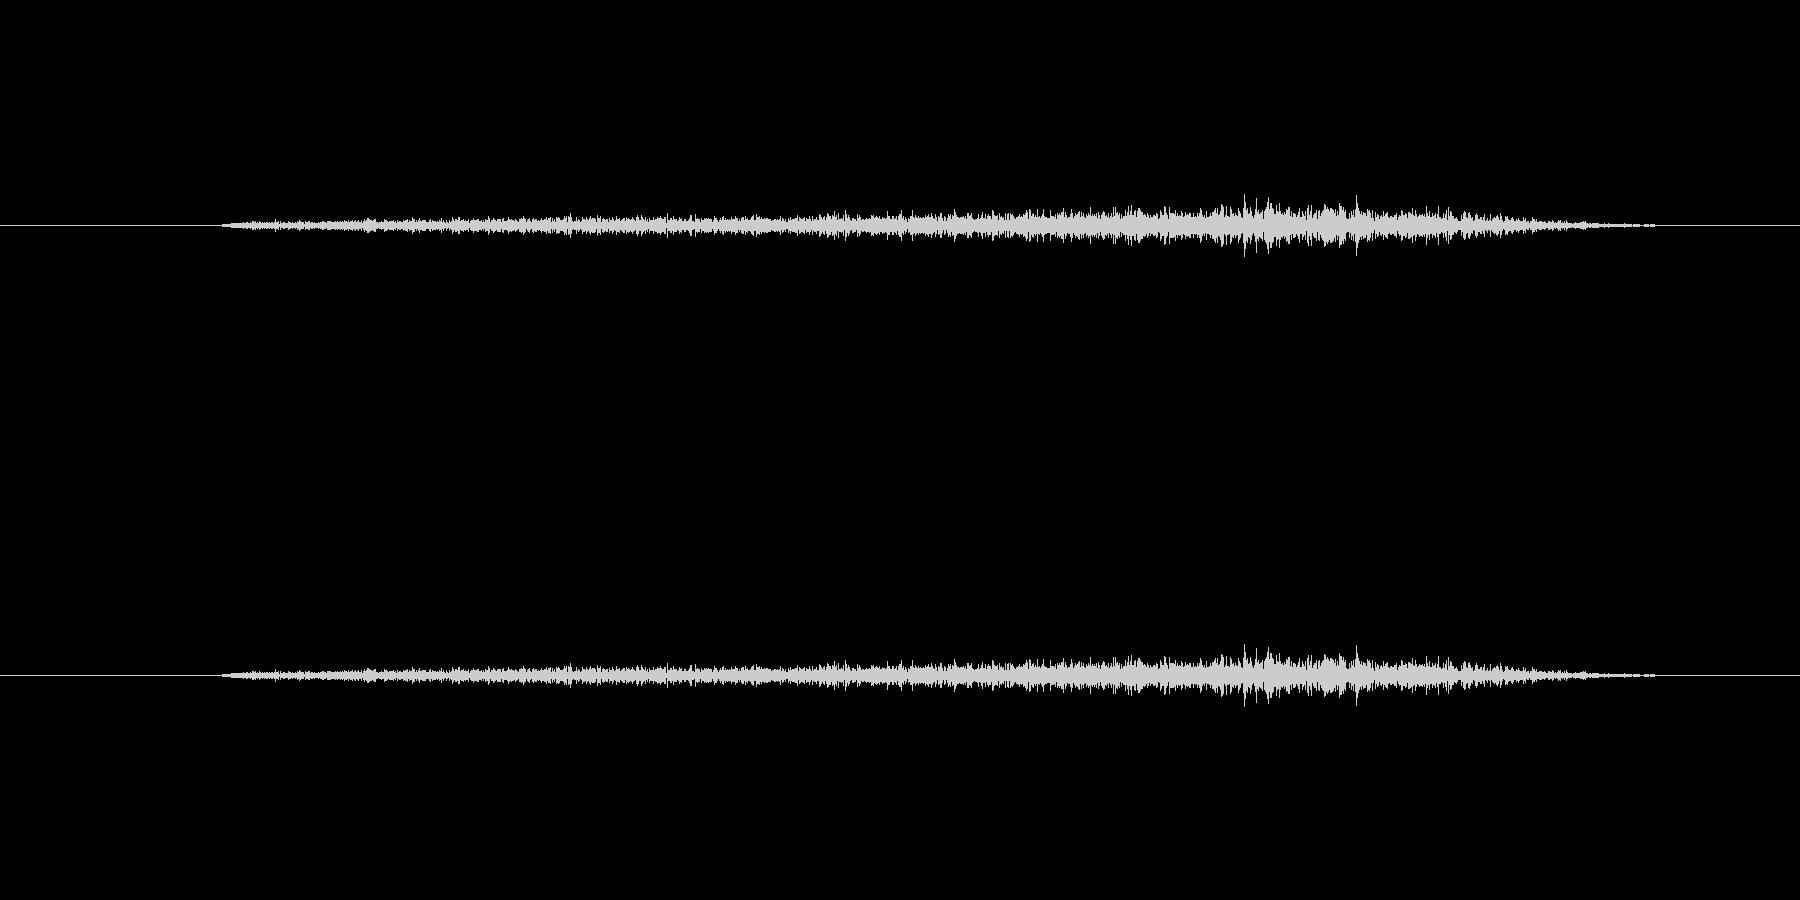 オフィス コンピューターマウスドロー04の未再生の波形